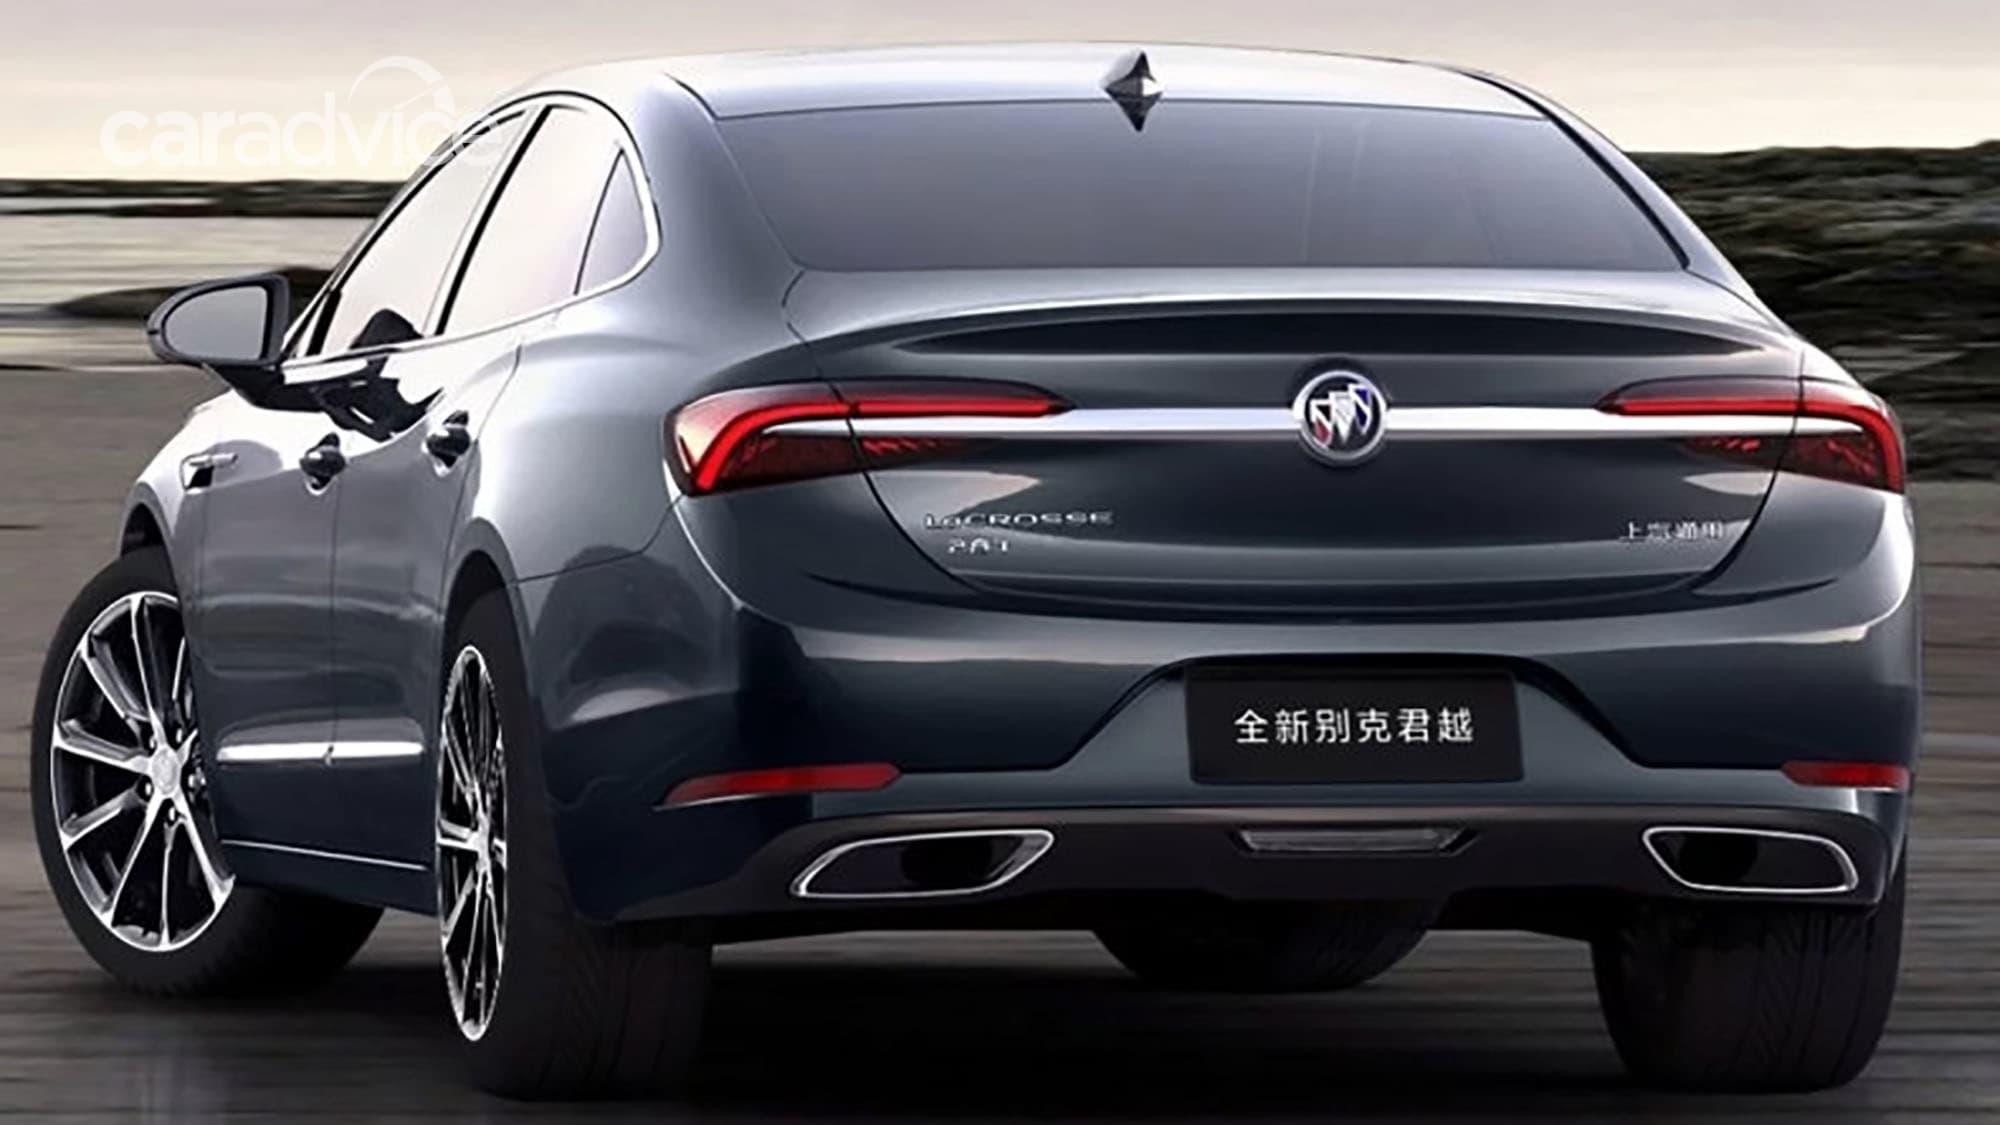 China Wm 2020